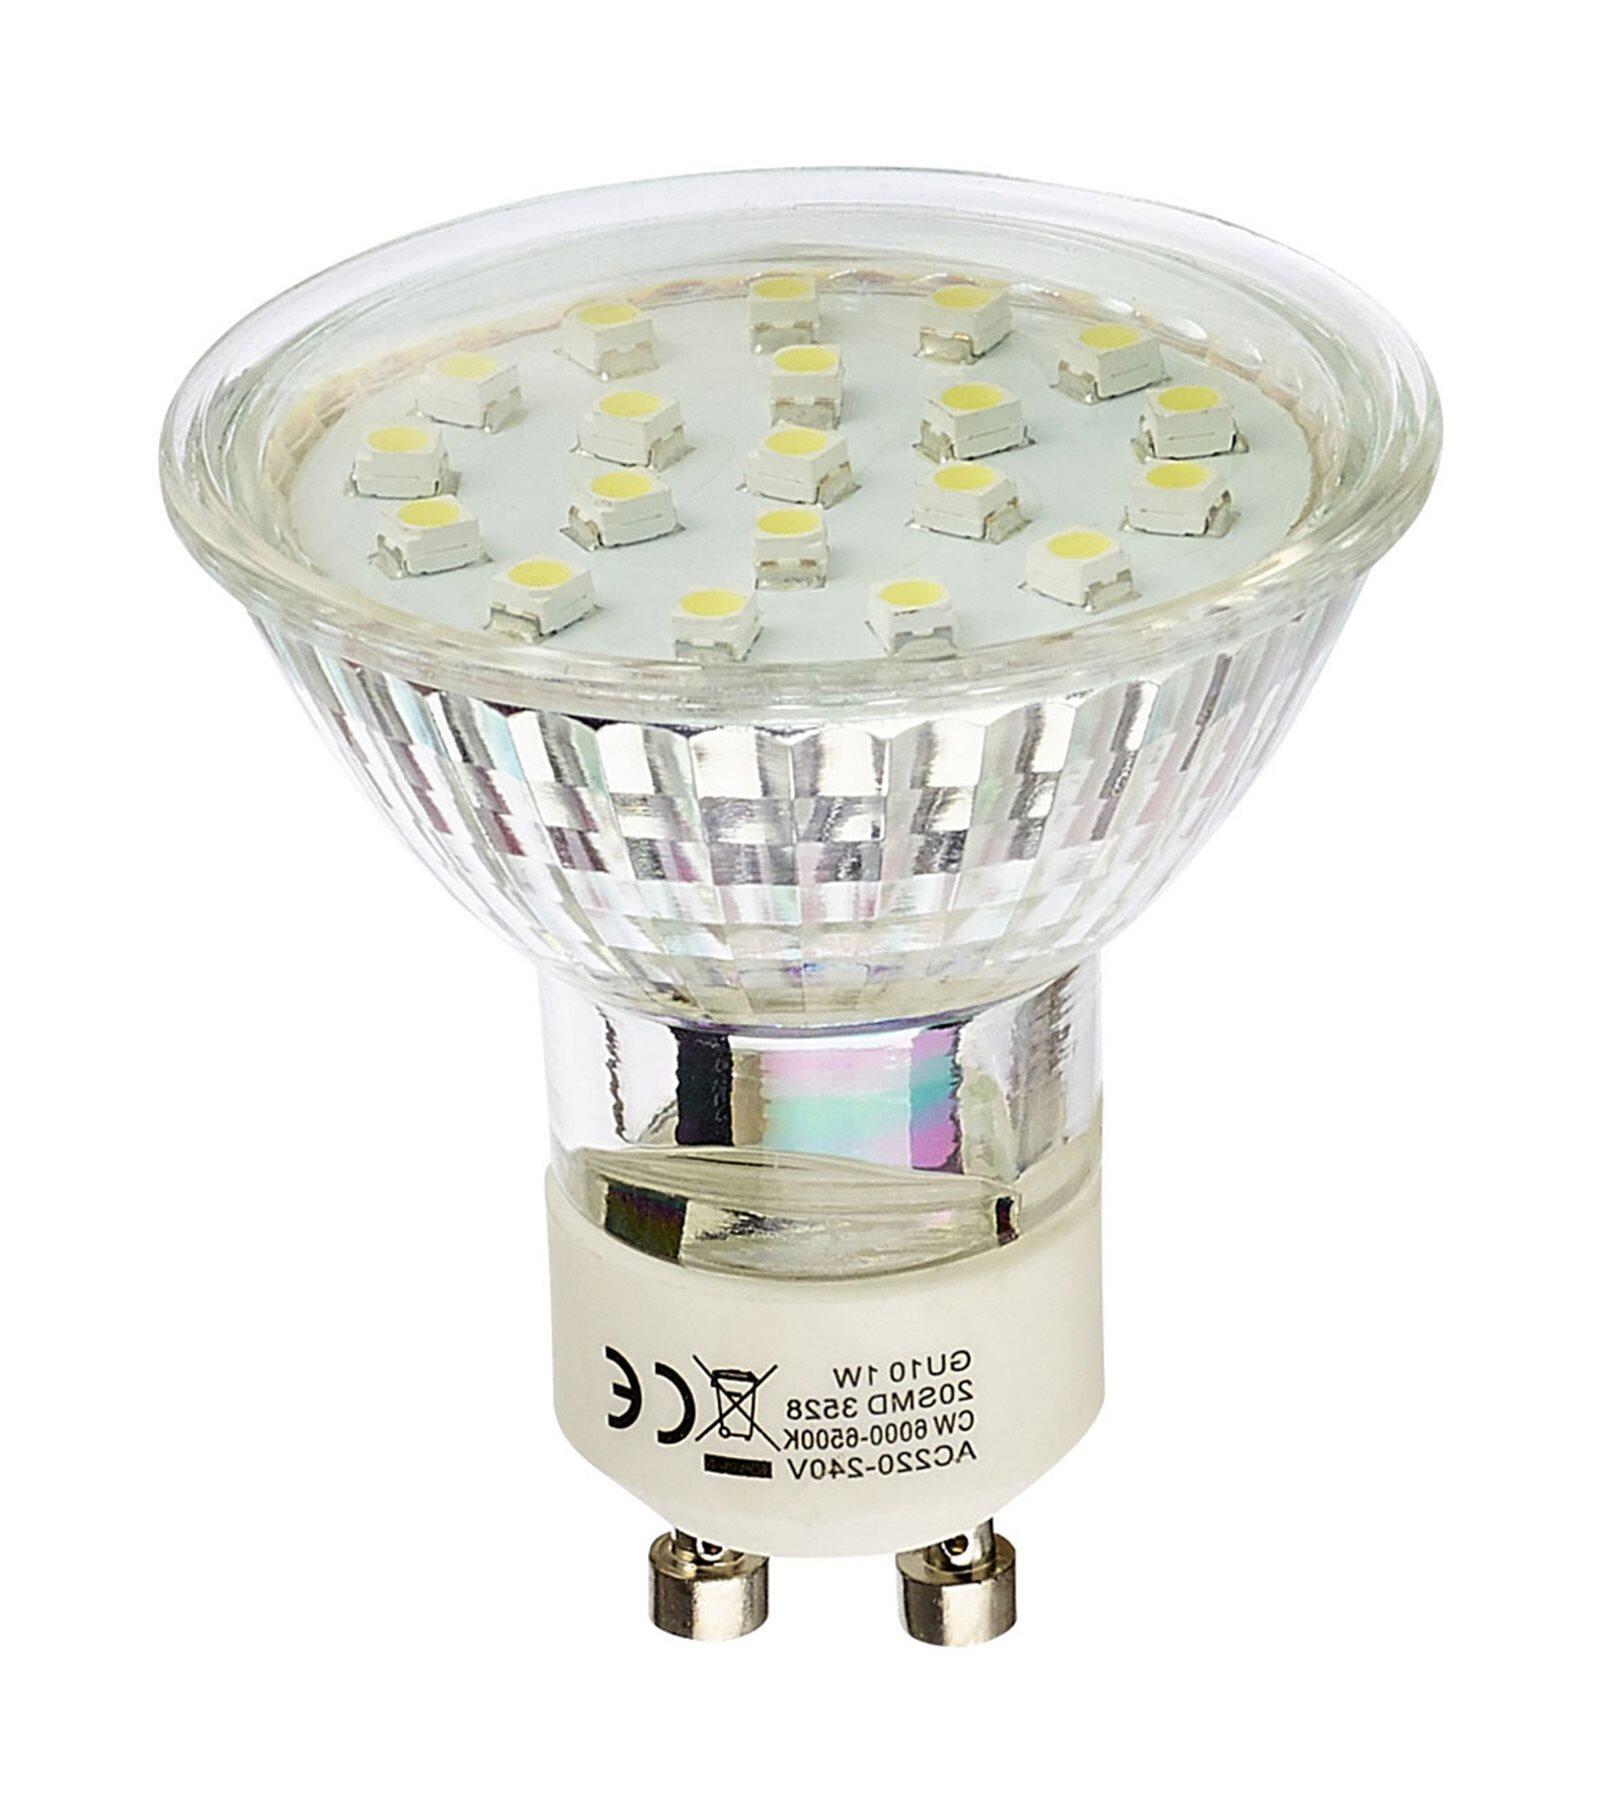 Comment savoir si une ampoule est blanche ou jaune ?